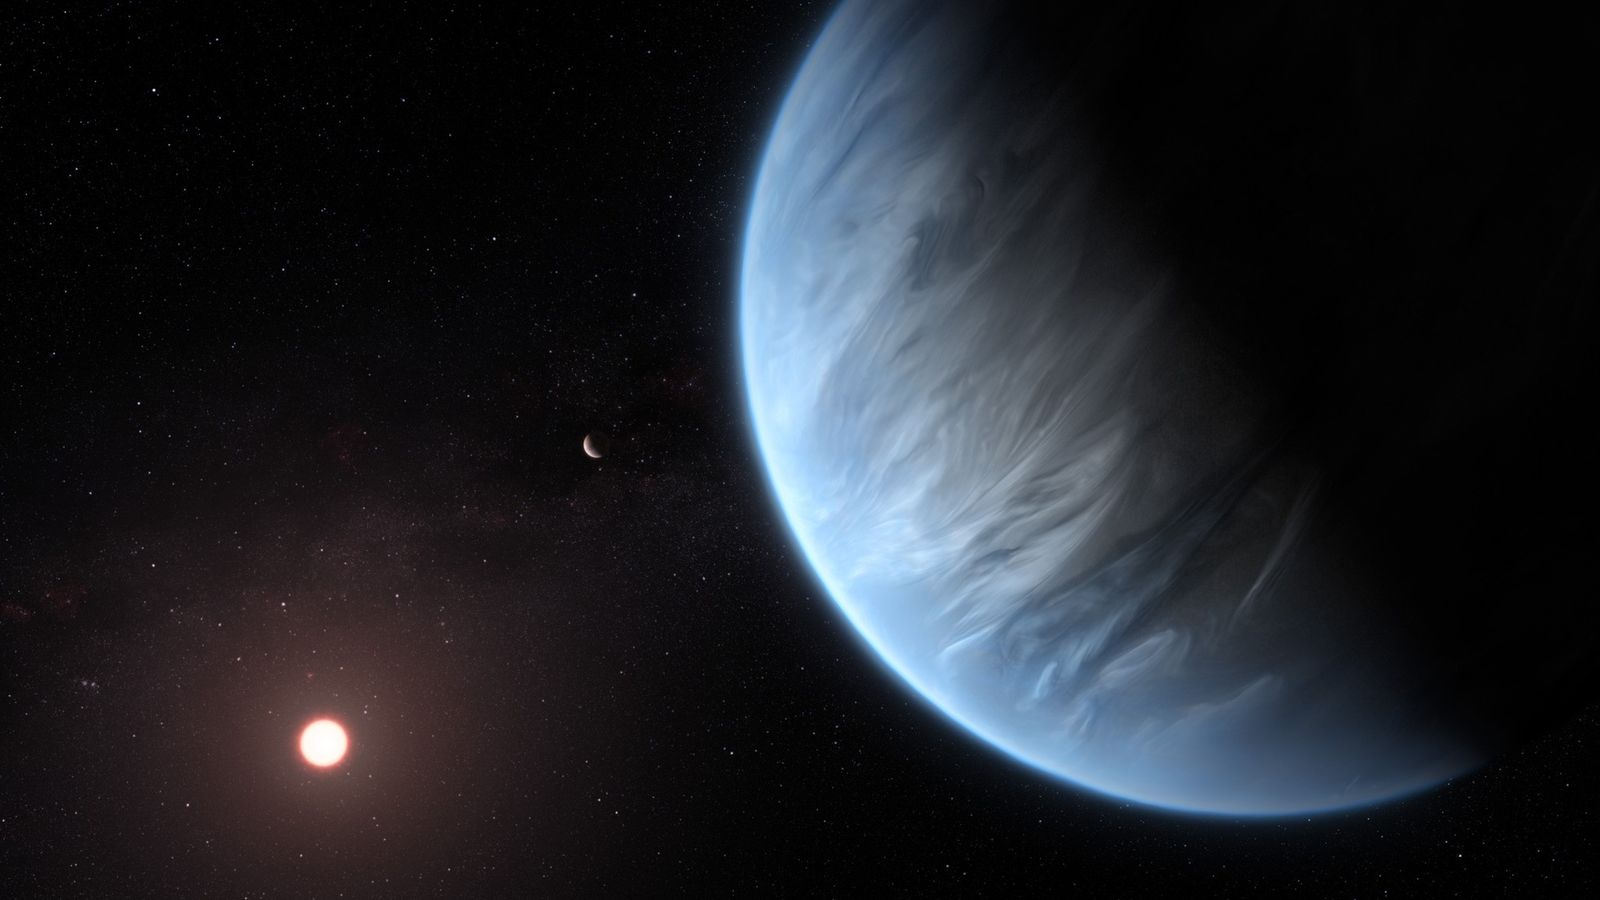 O planeta K2-18b orbita sua fraca estrela vermelha em uma ilustração. Esse exoplaneta é o primeiro ...